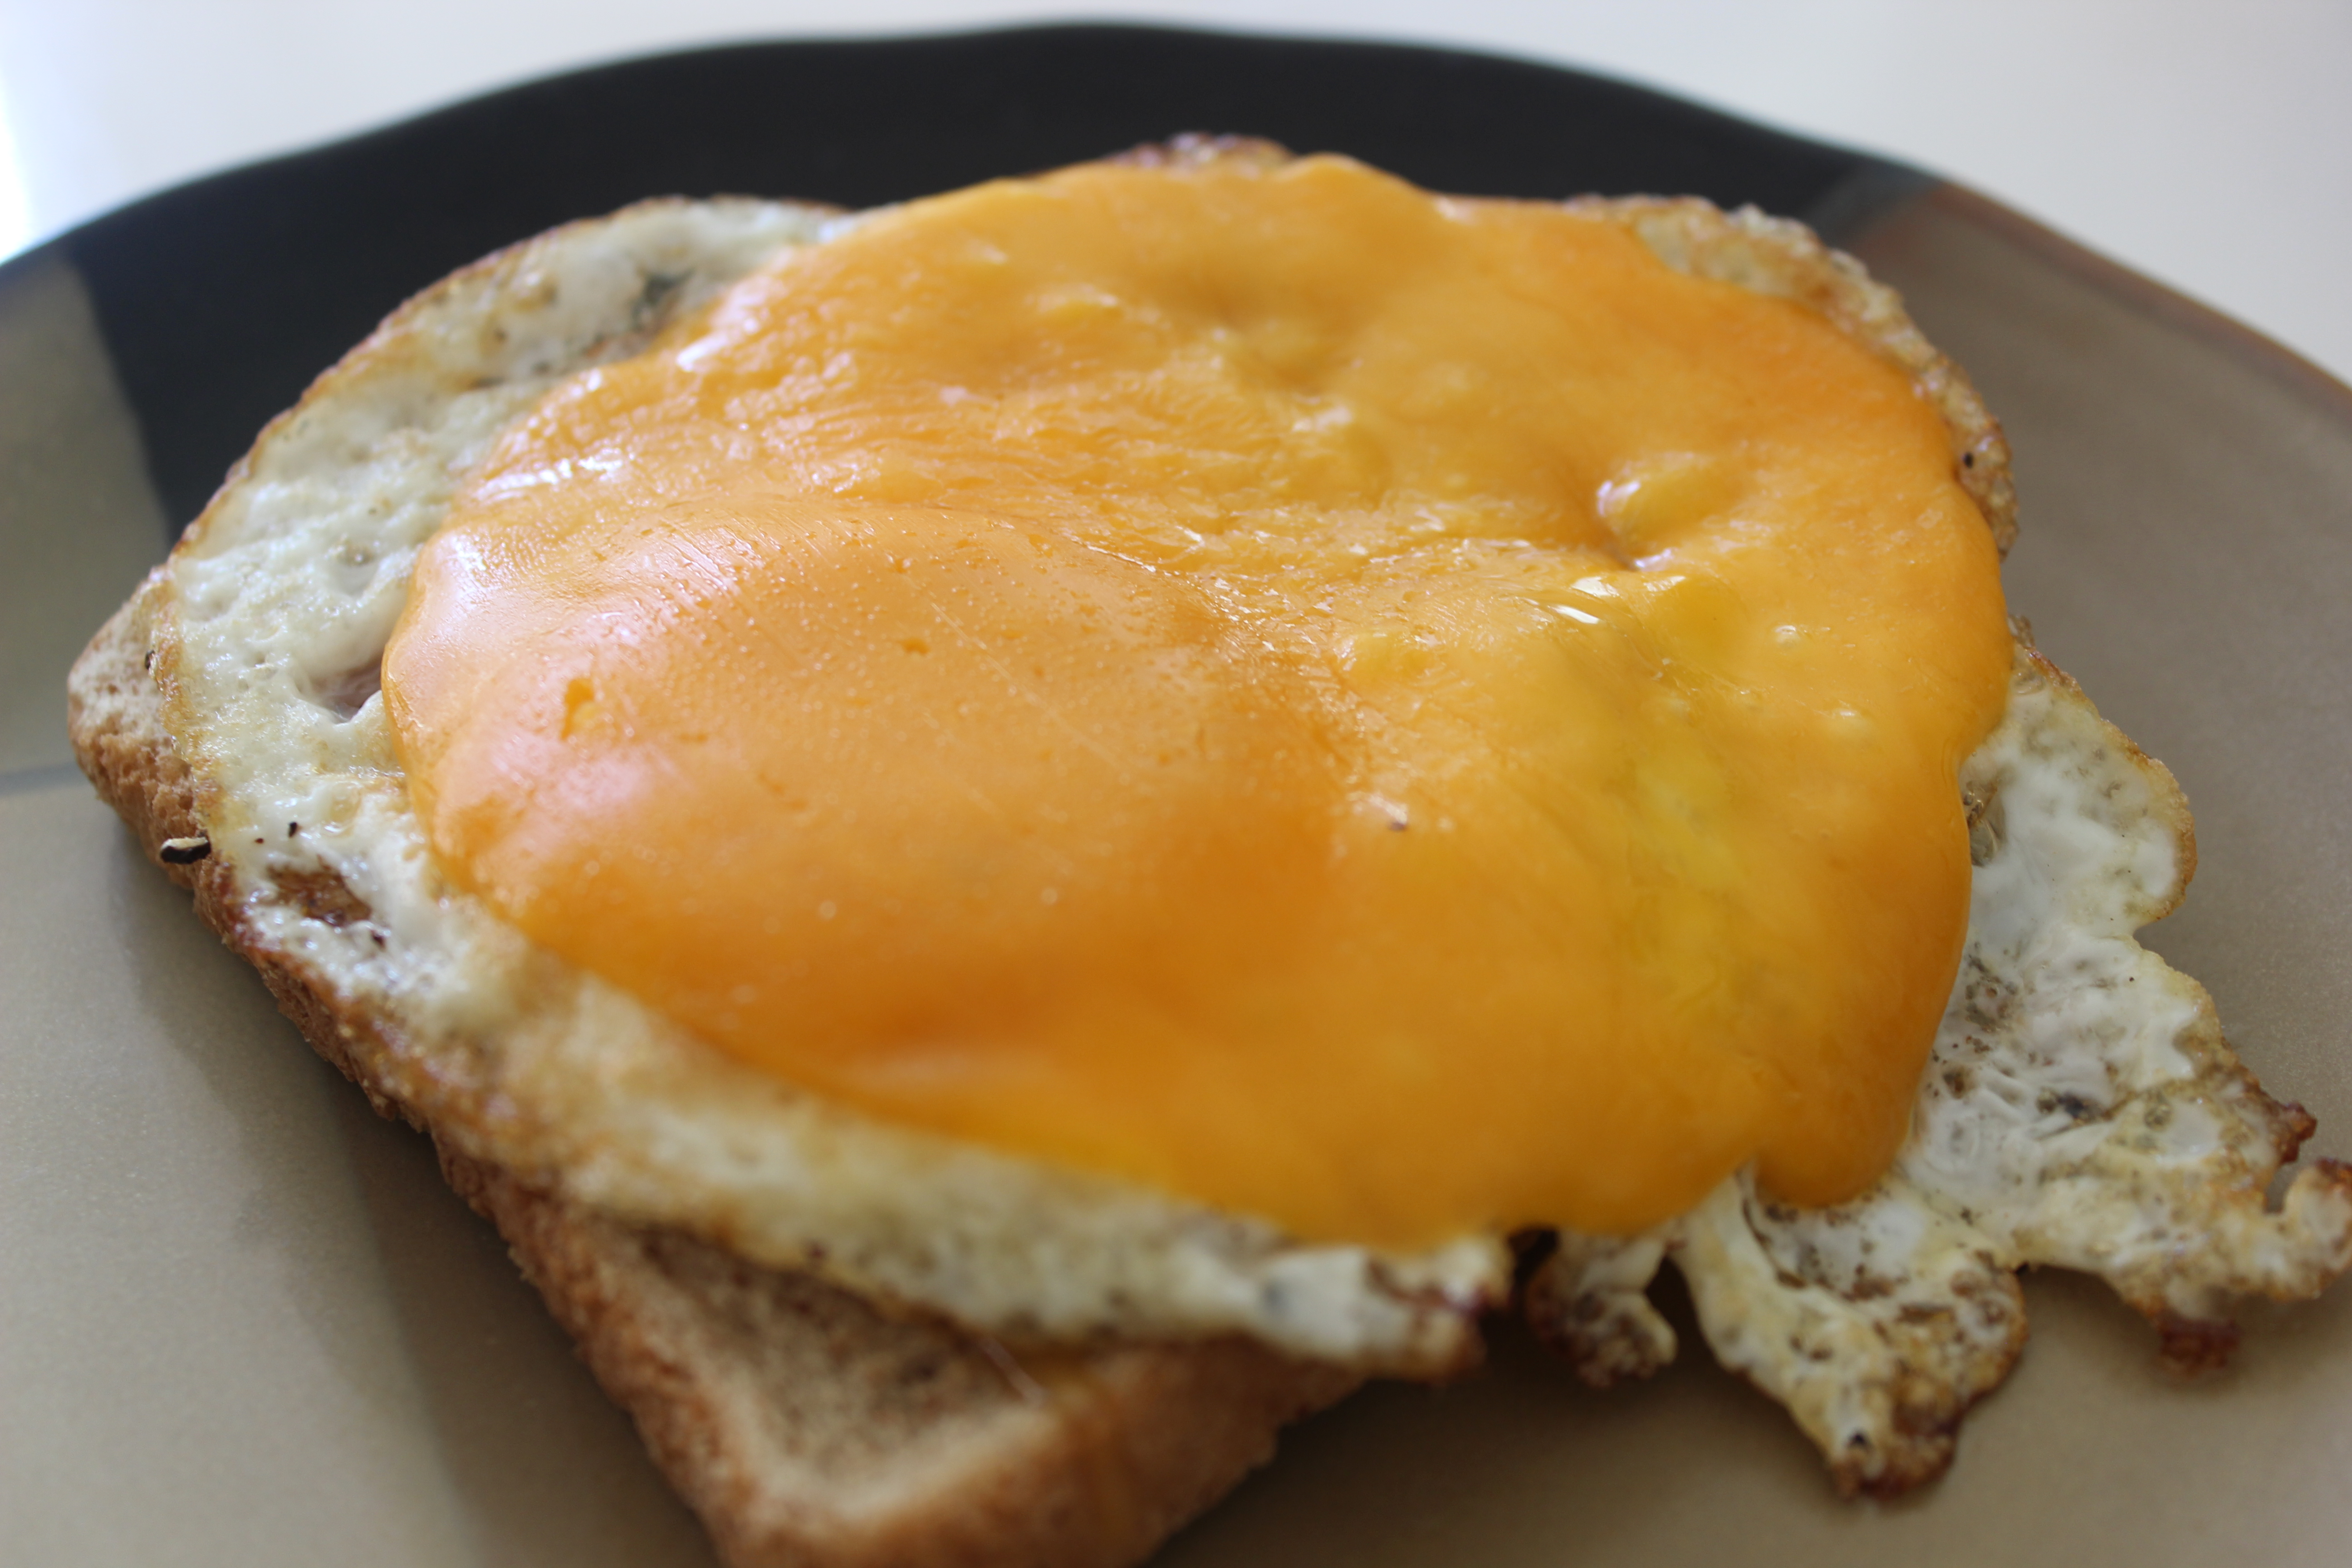 Simple Fried Egg Sandwich Recipe